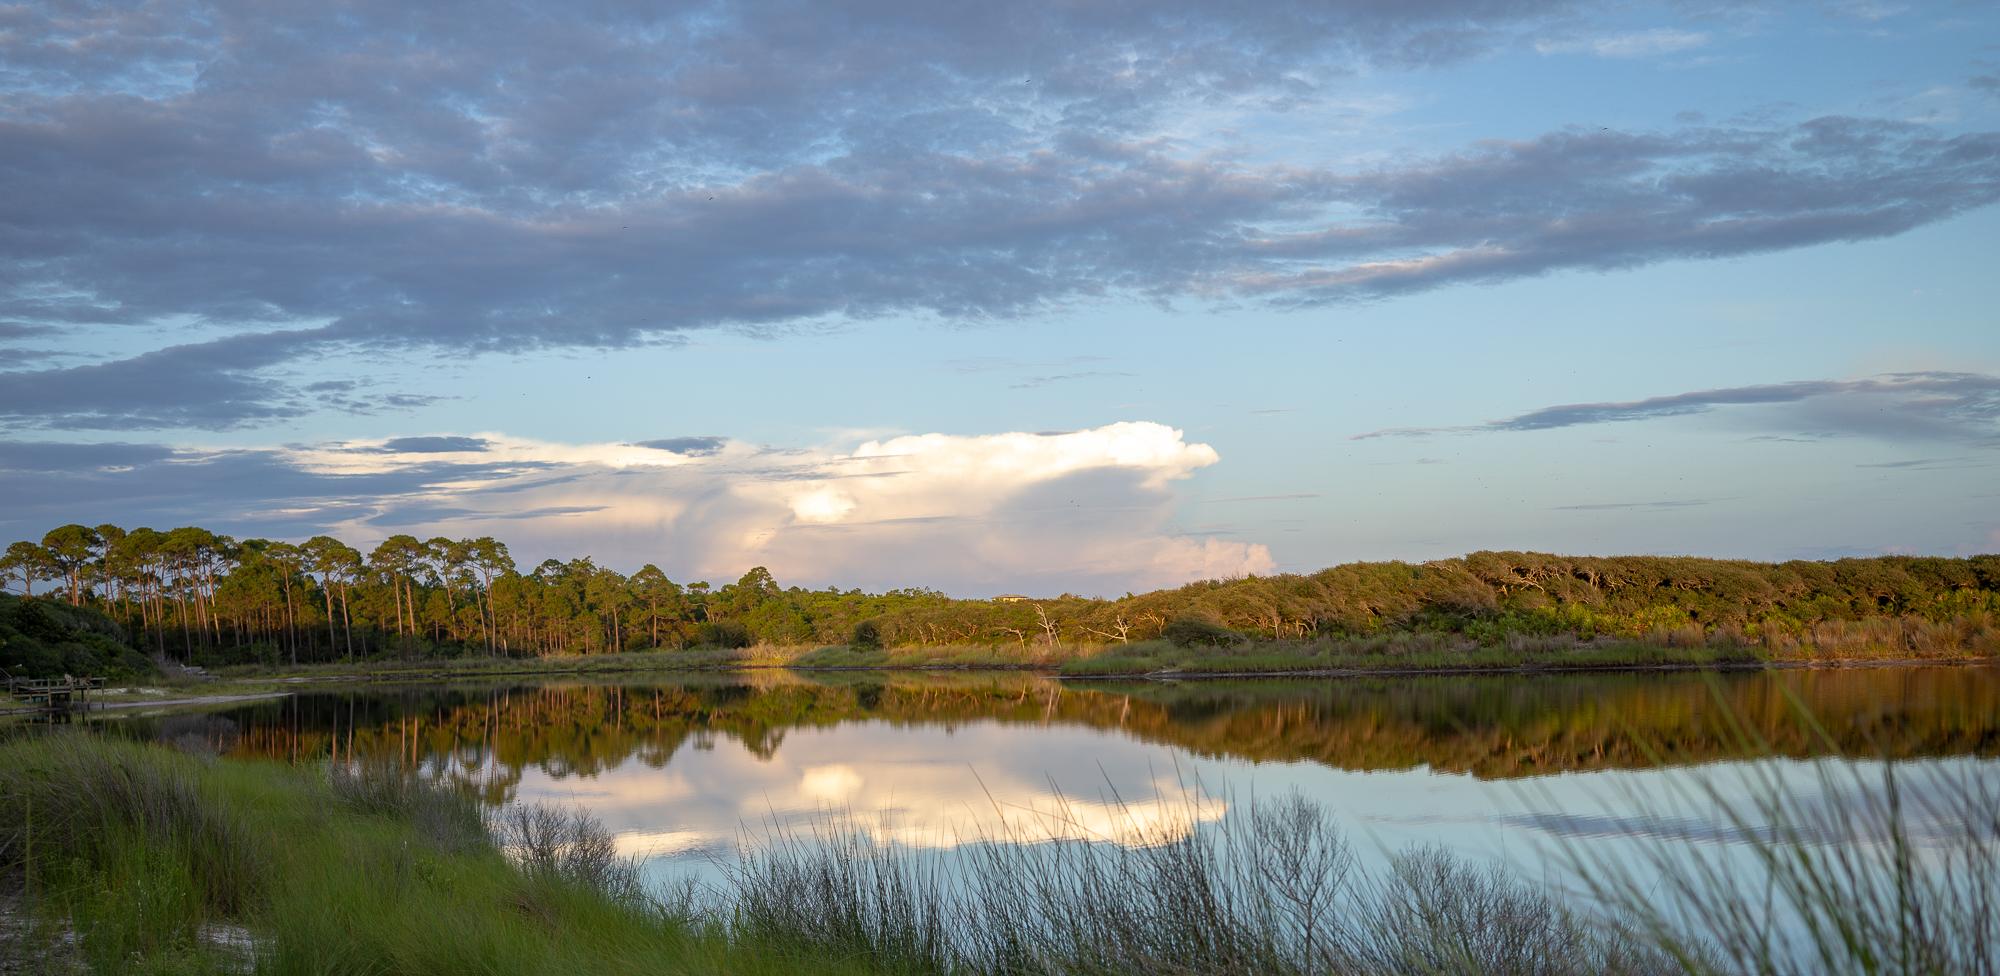 Bannerman_Lake_sunset_treesLake (1 of 1).jpg